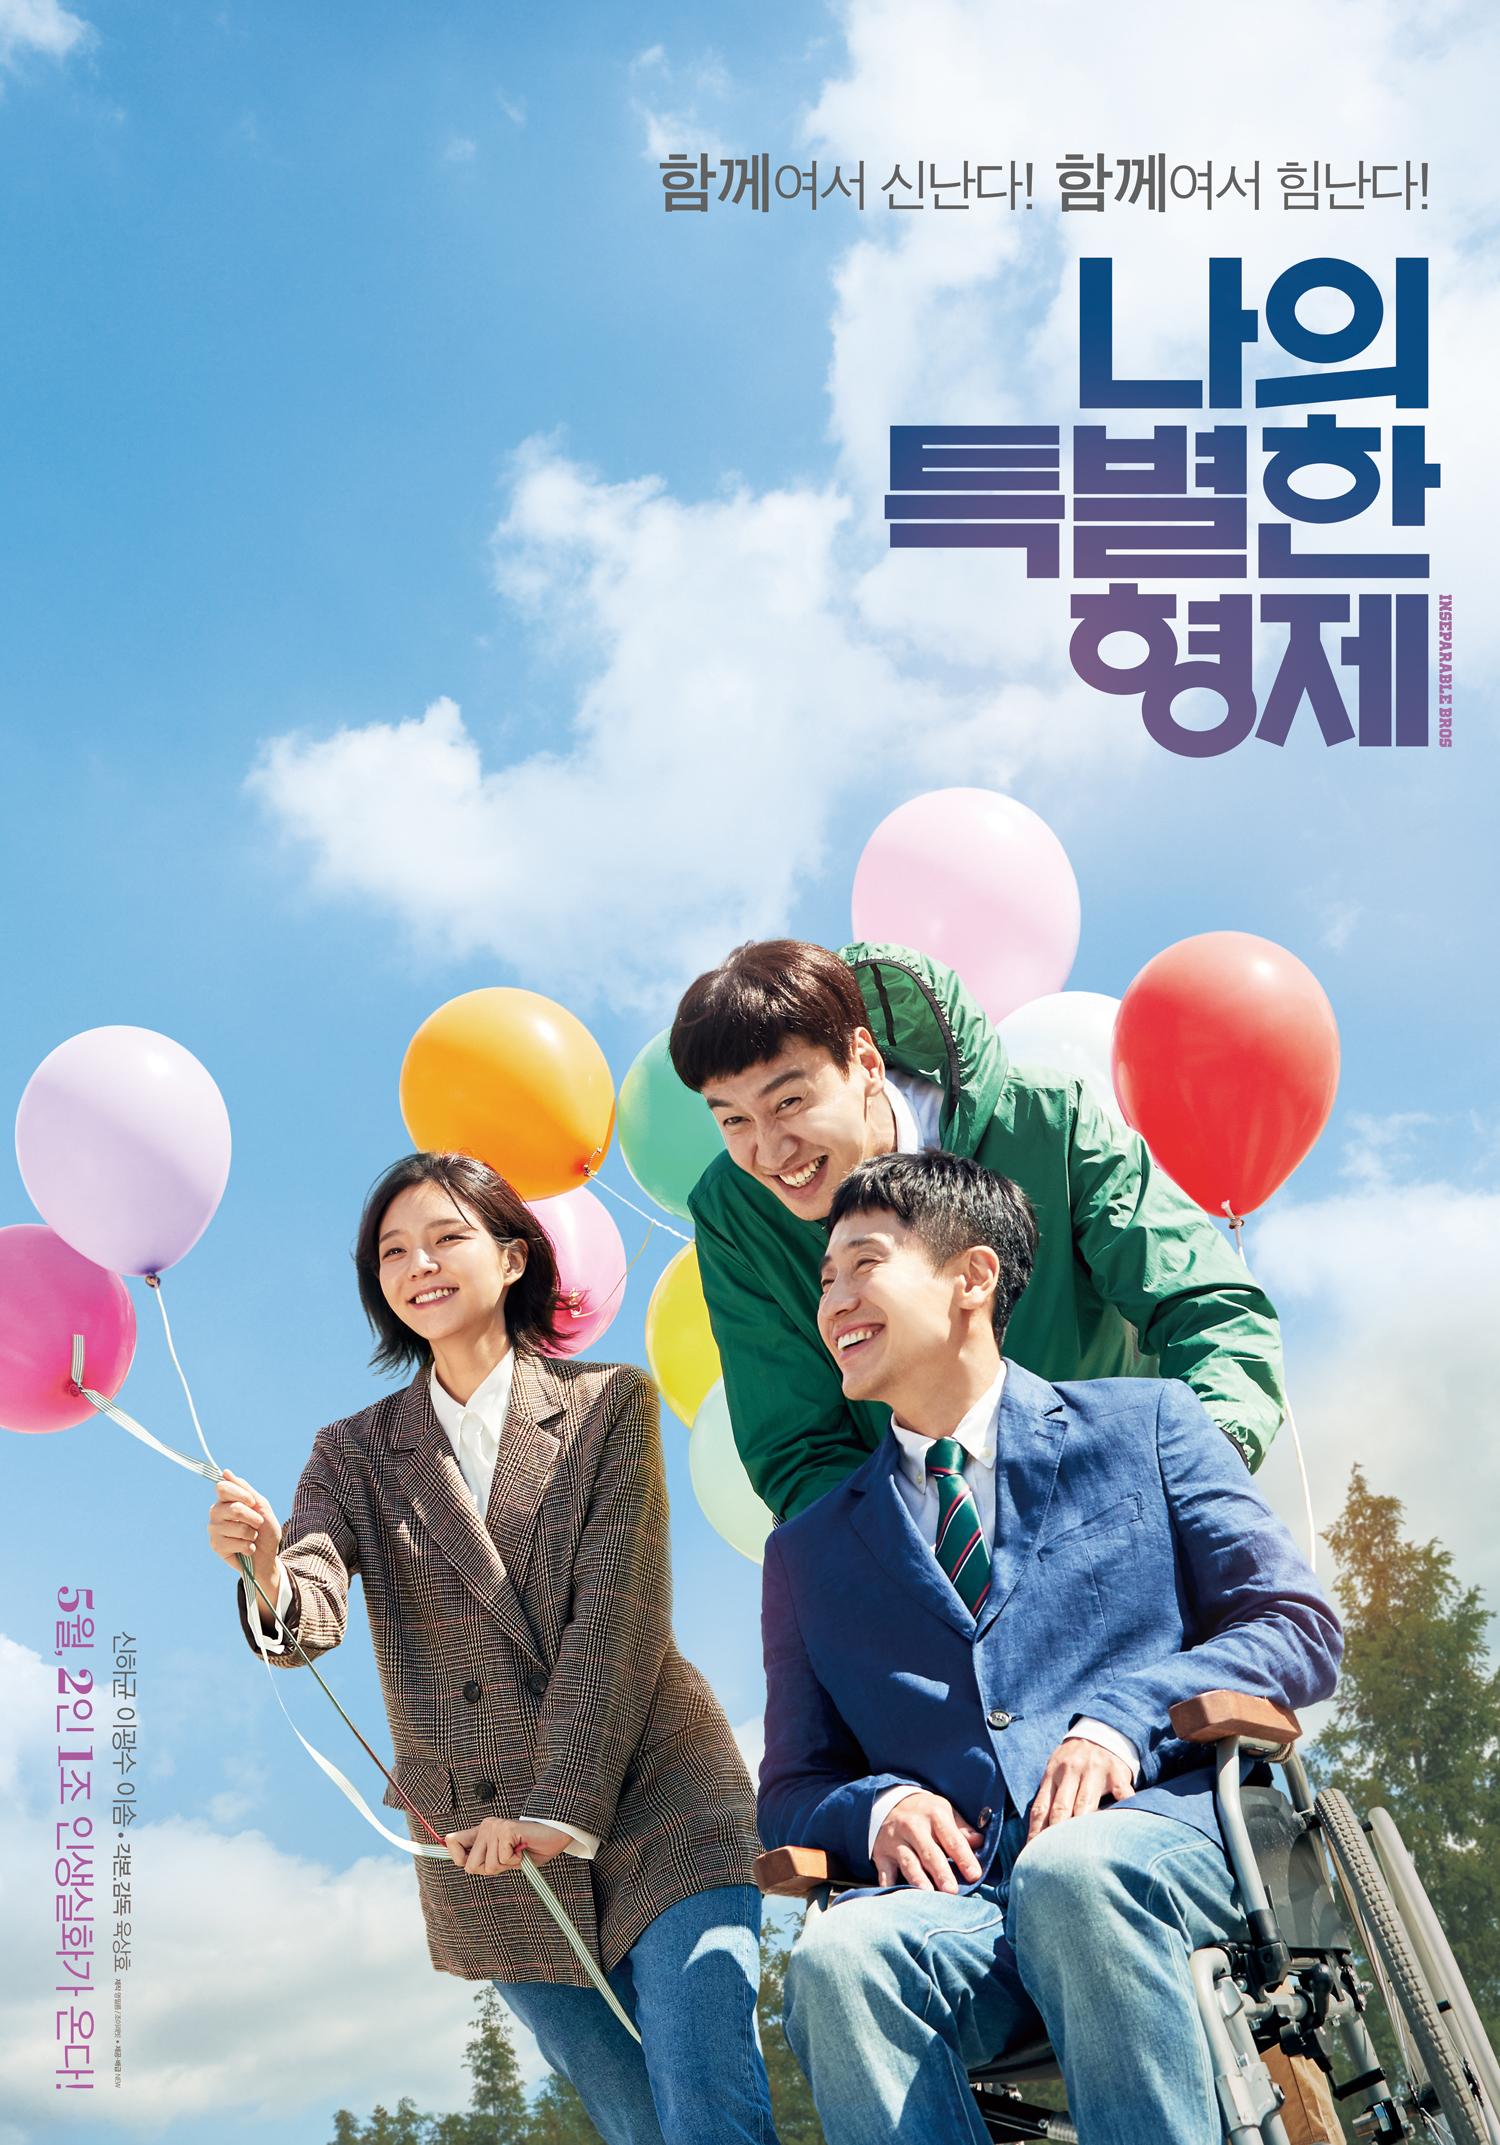 韩影《我的一级兄弟》李光洙X申河均逼哭影迷的温暖喜剧!插图